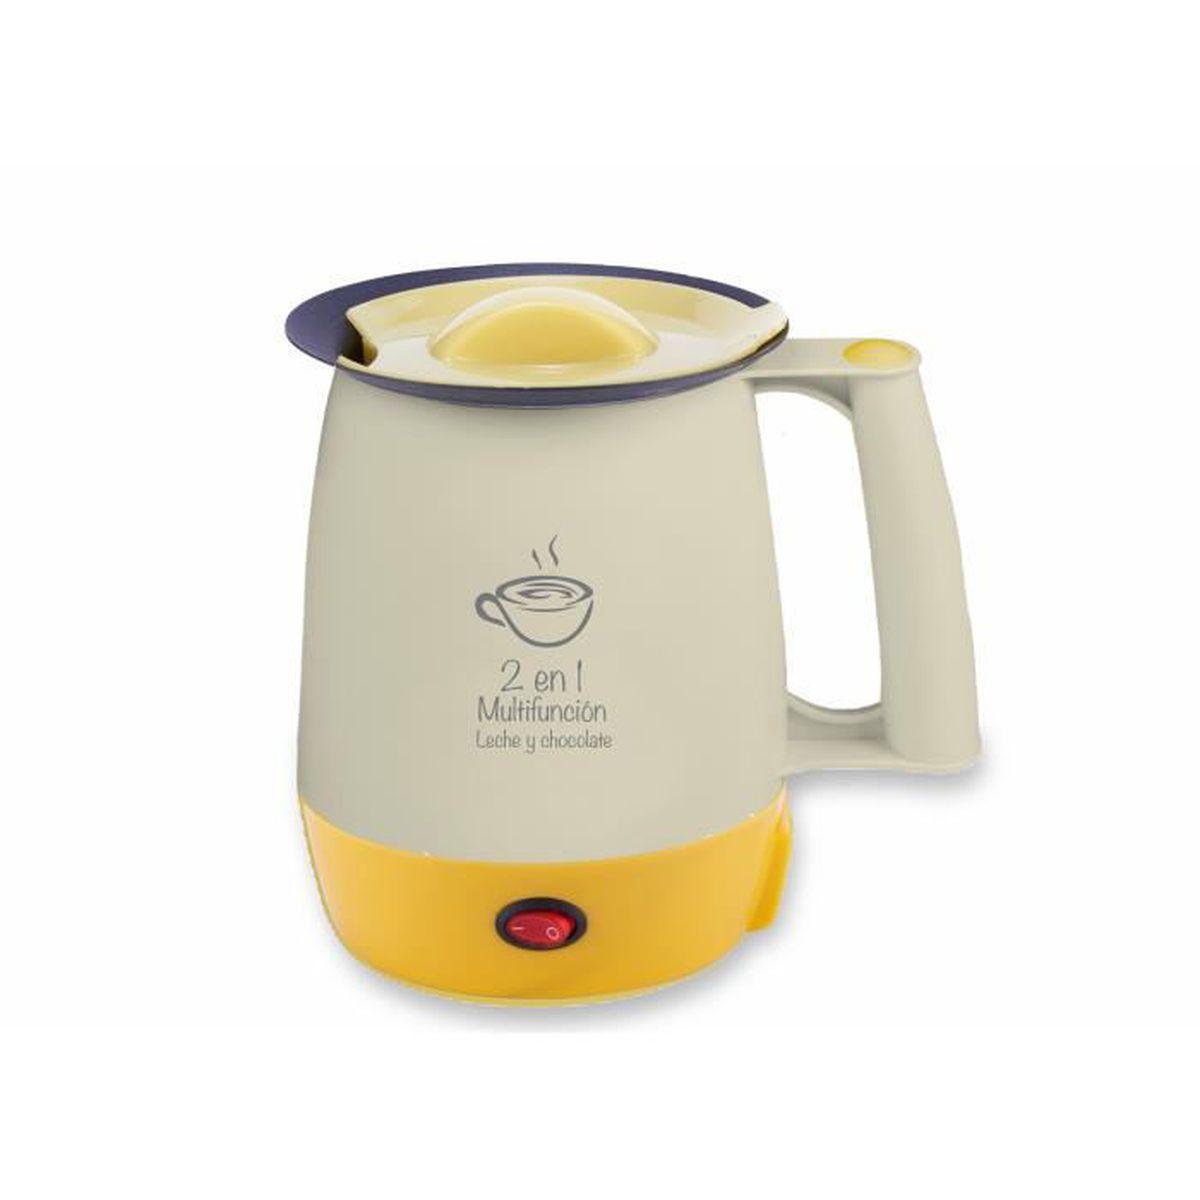 aa842b0a78150 Chauffe lait electrique - Achat   Vente pas cher